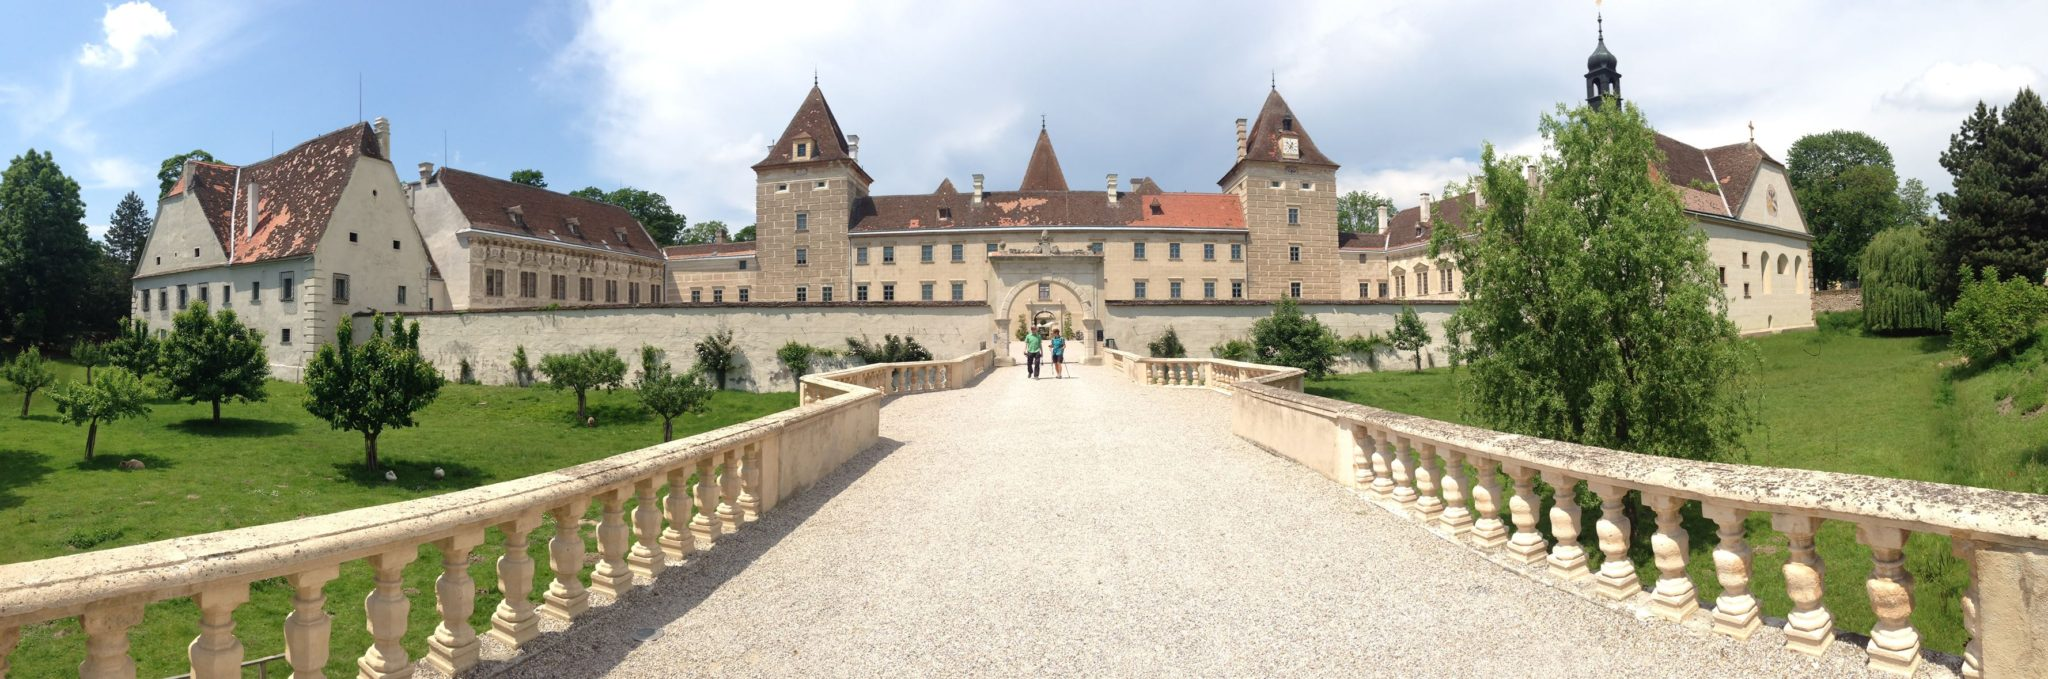 Schloss Walpersdorf: Der Bier-Kurs findet im Keller statt.